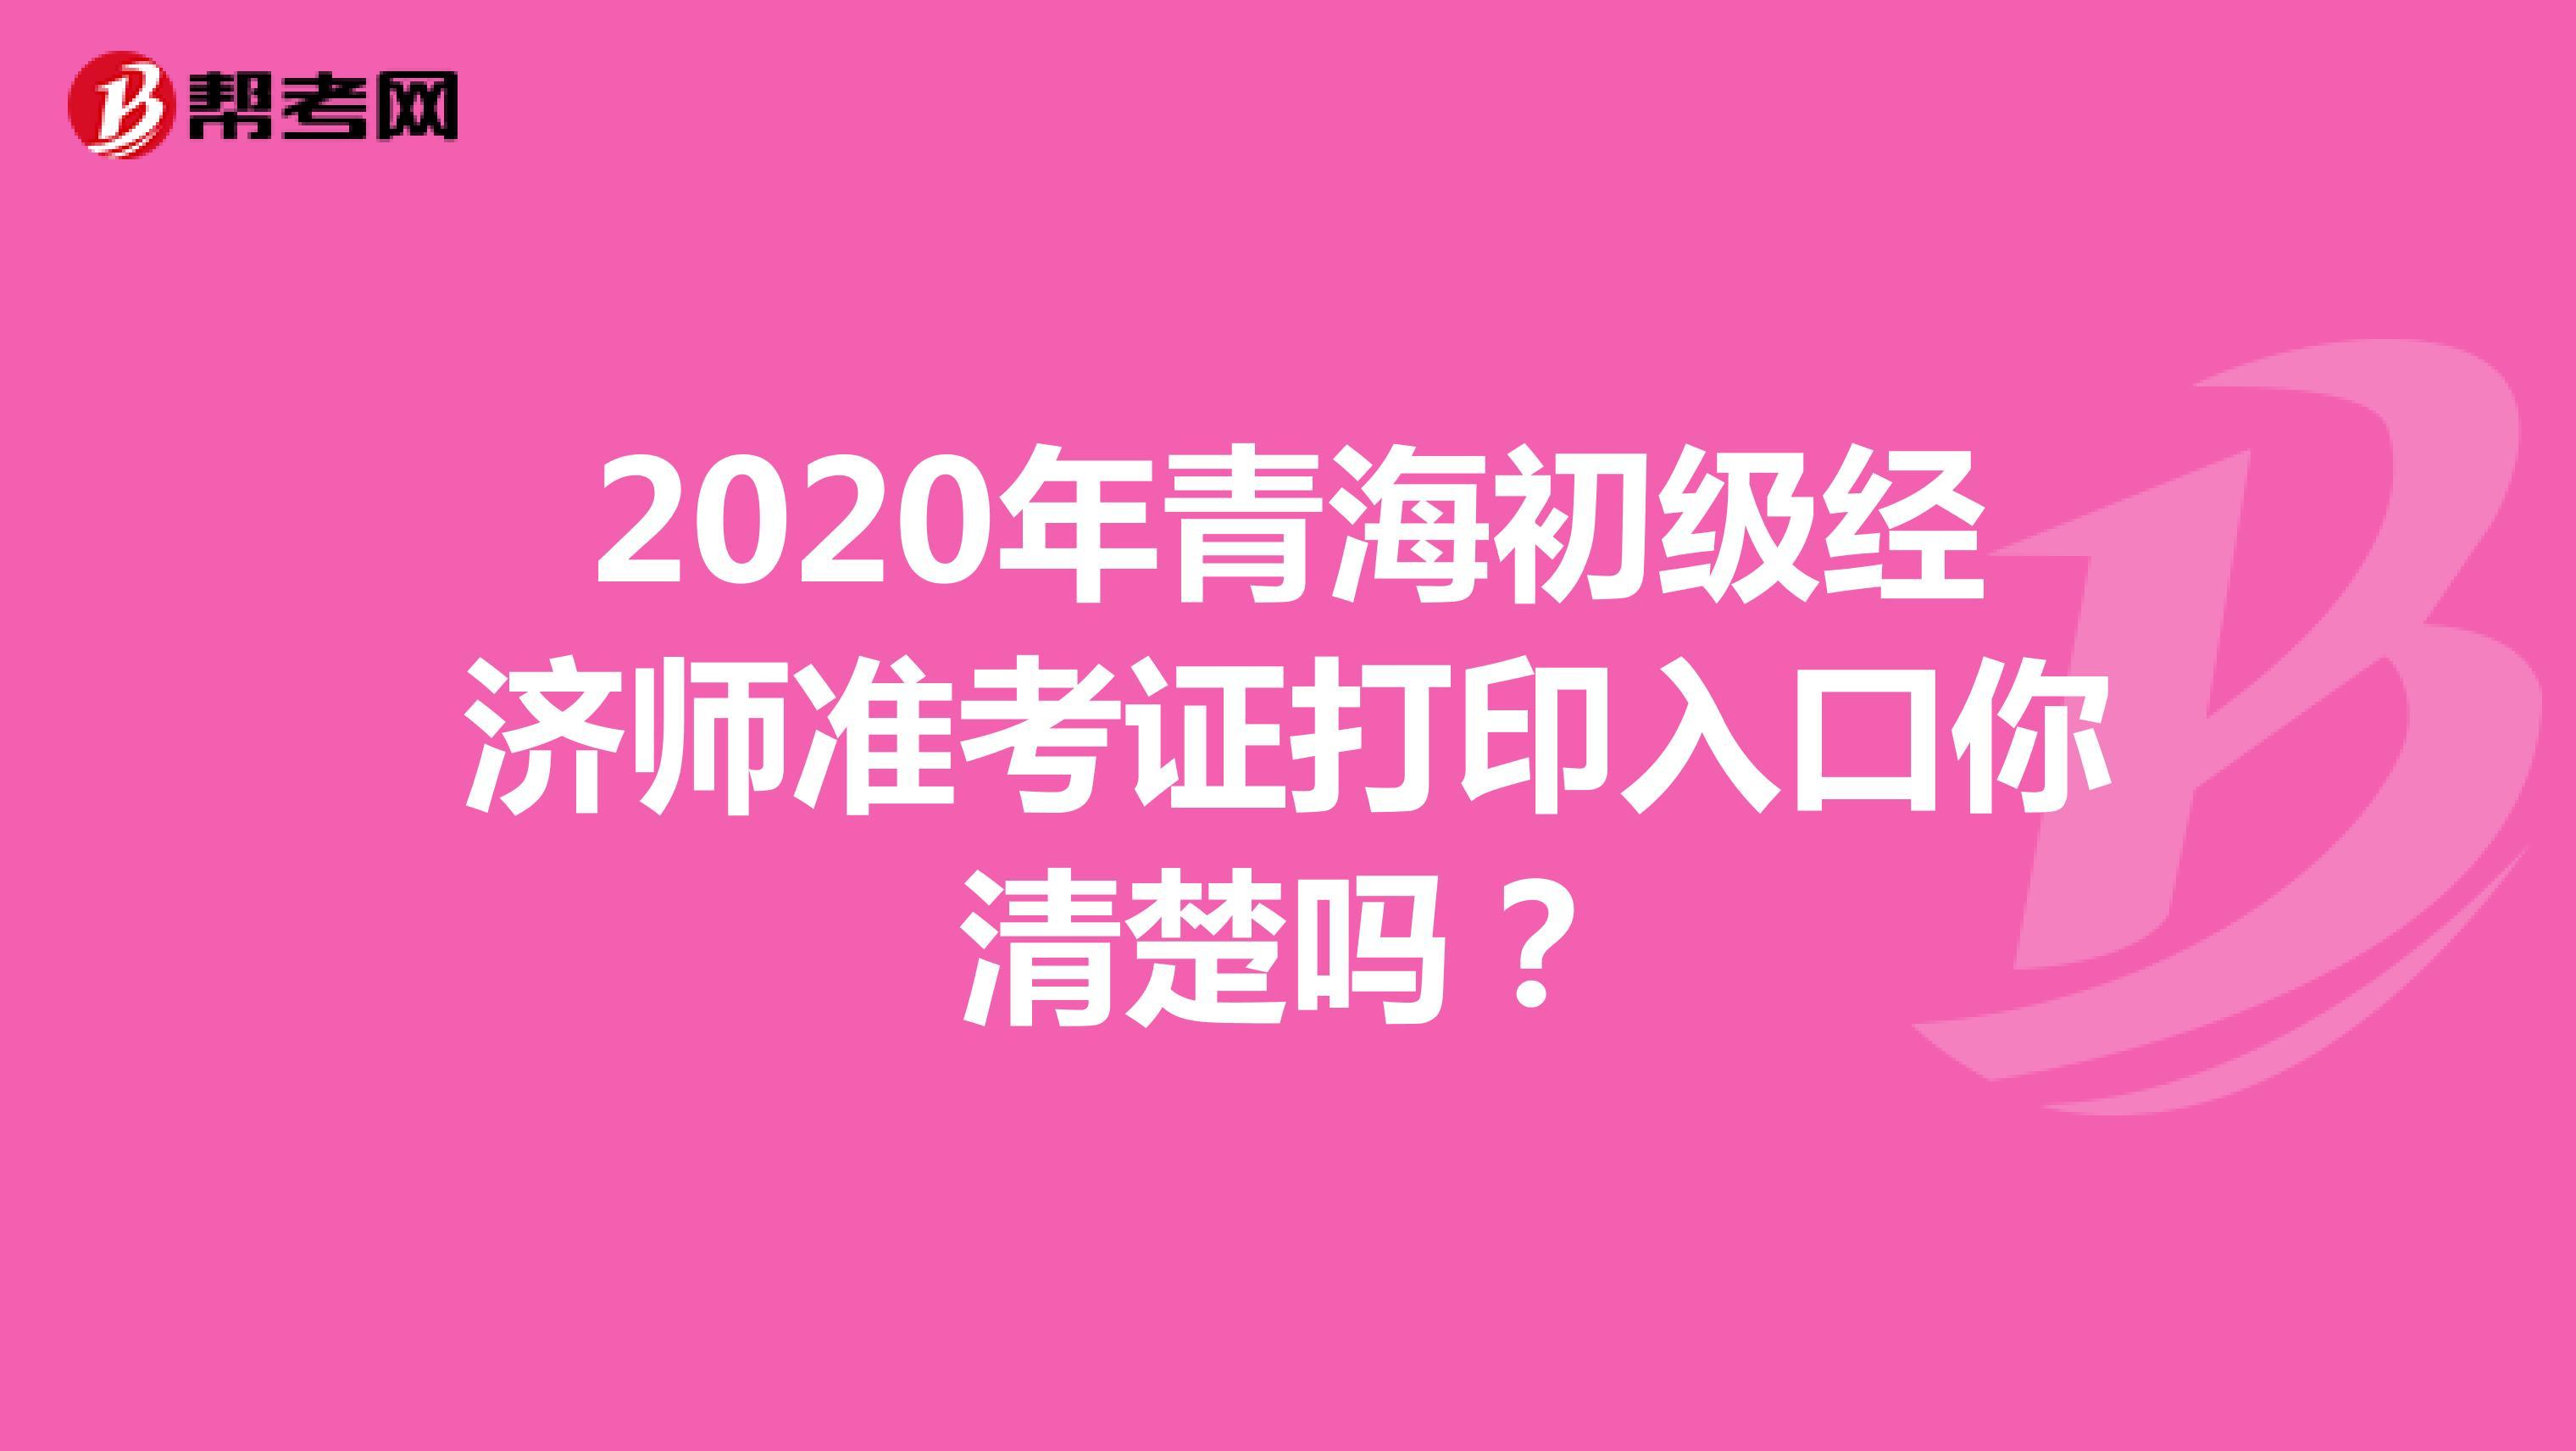 2020年青海初级经济师准考证打印入口你清楚吗?